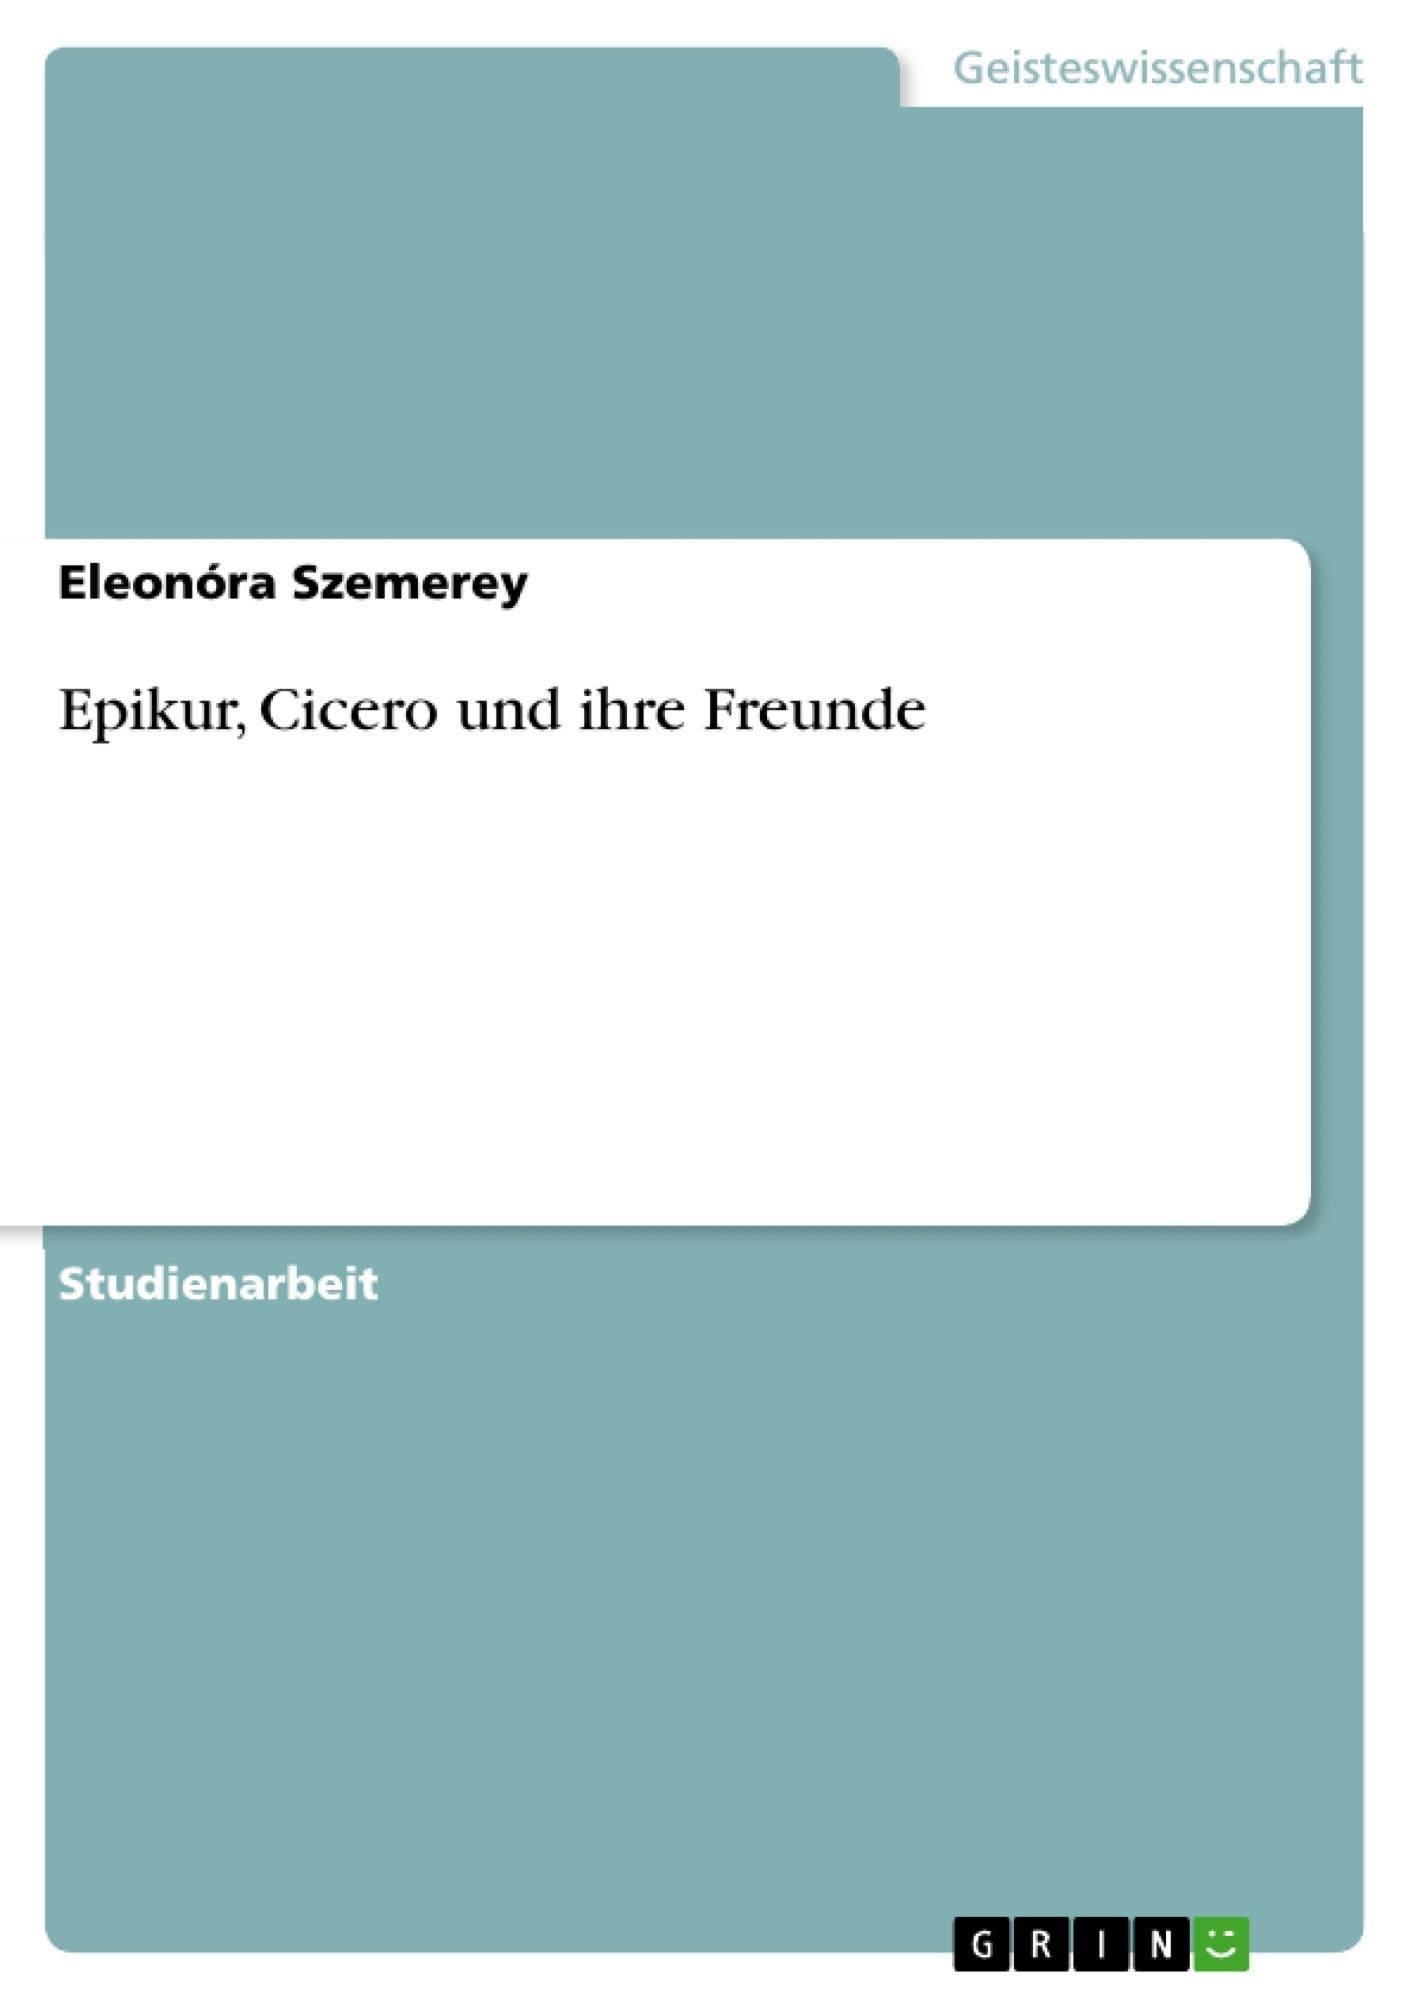 Titel: Epikur, Cicero und ihre Freunde